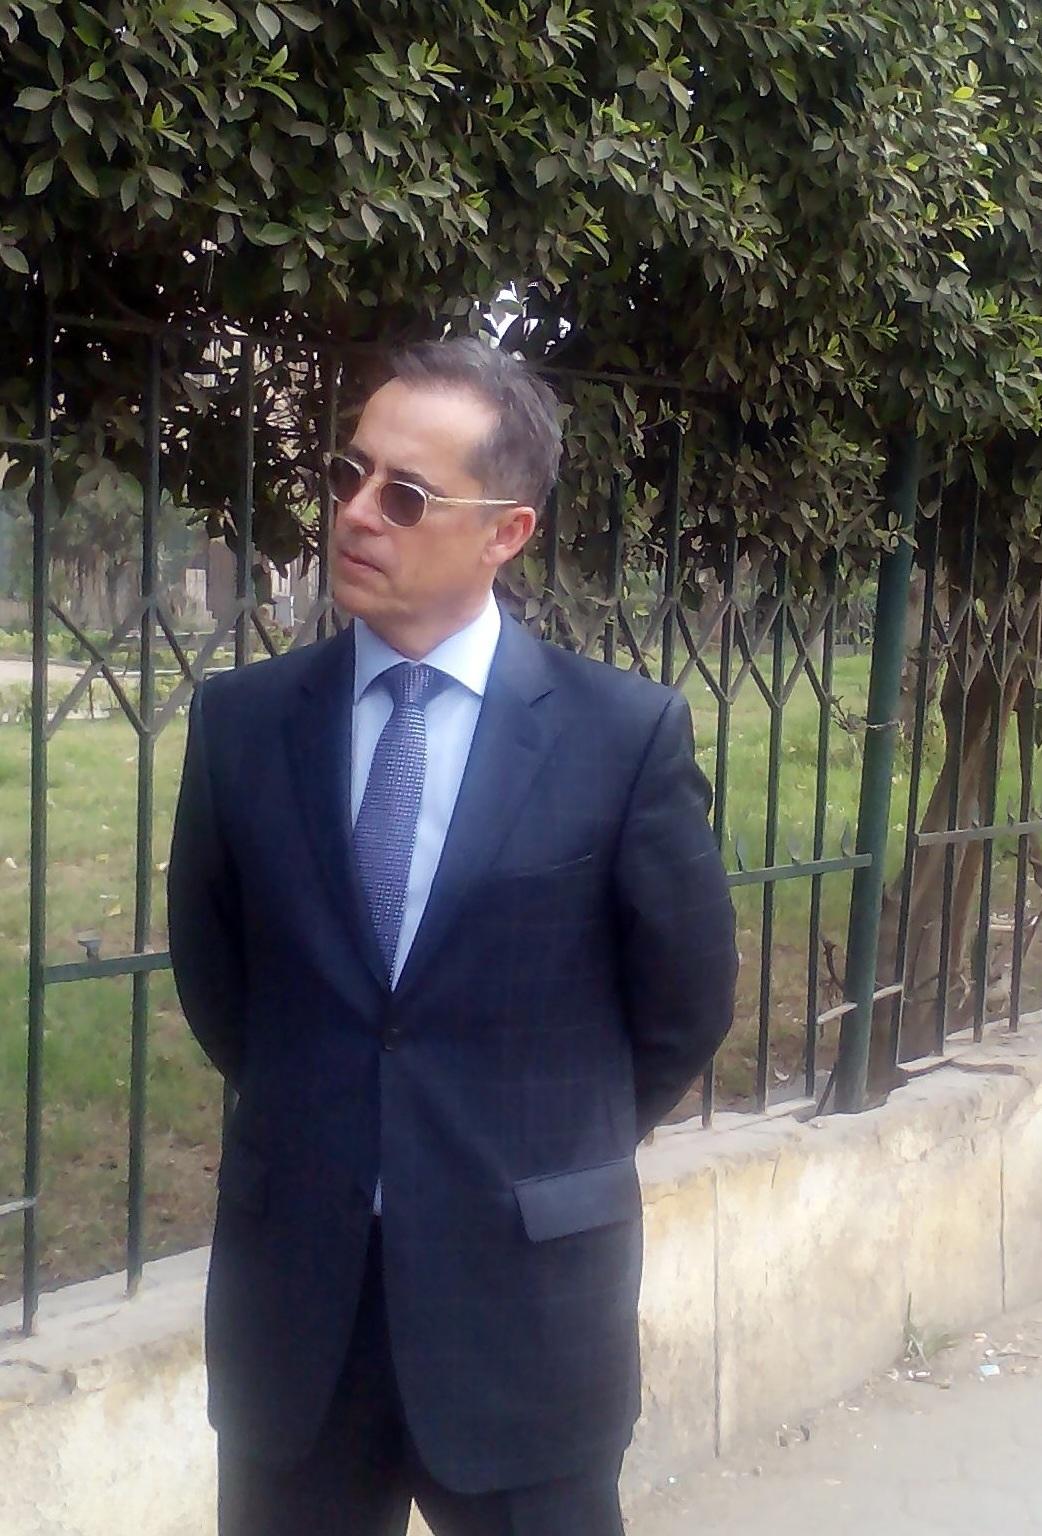 سفير سويسرا خلال جولته في منطقه وسط البلد